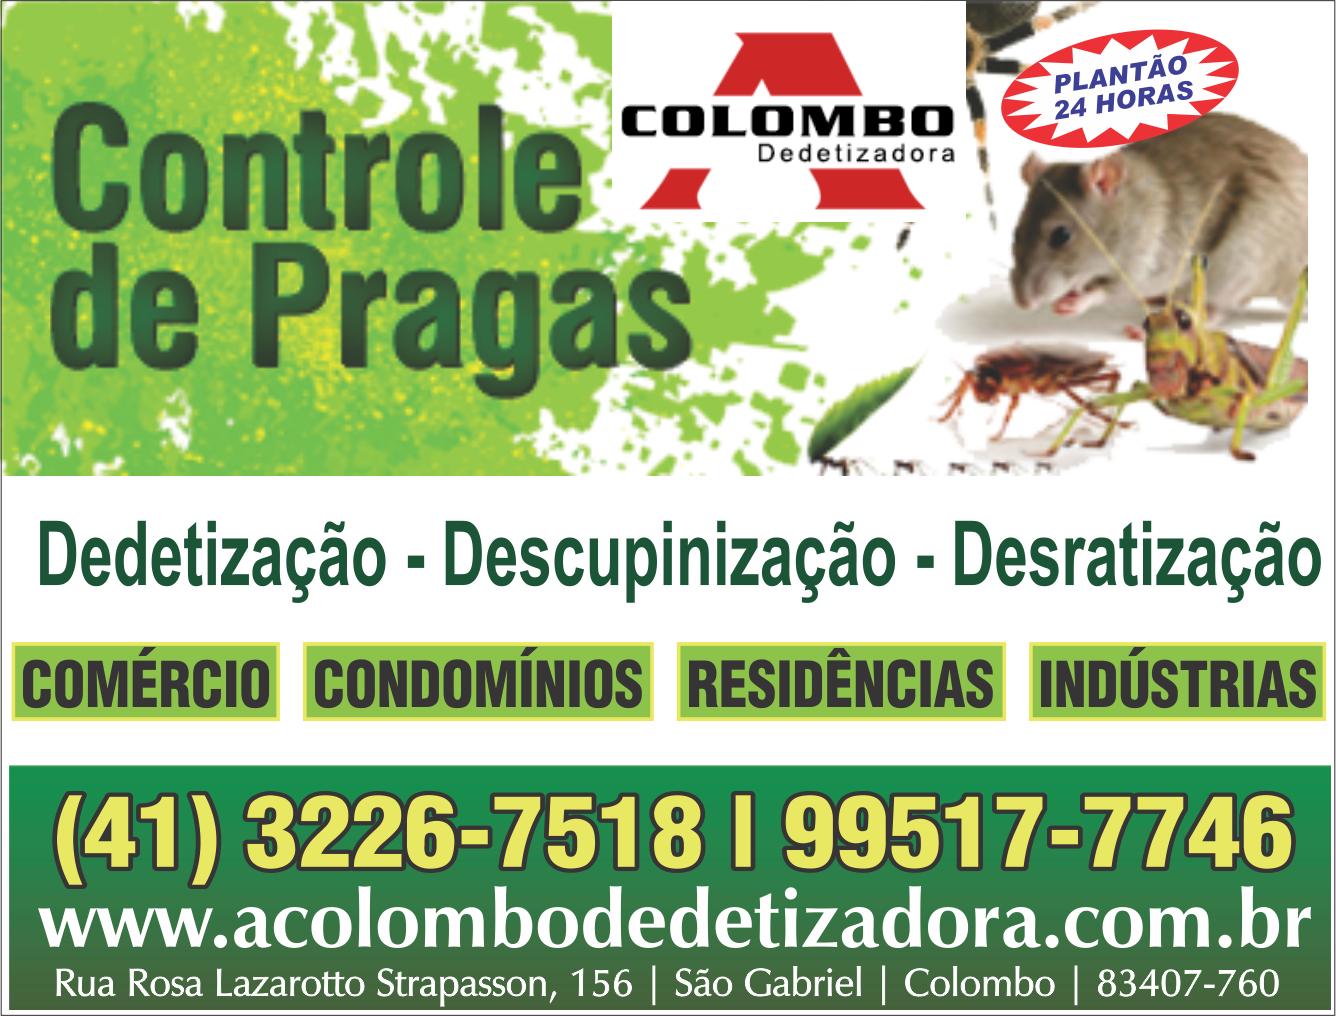 A Colombo      RUA ROSA LAZAROTTO STRAPASSON, 156, COLOMBO - PR  Fones: (41)3226-7518 / (41) 99517-7746